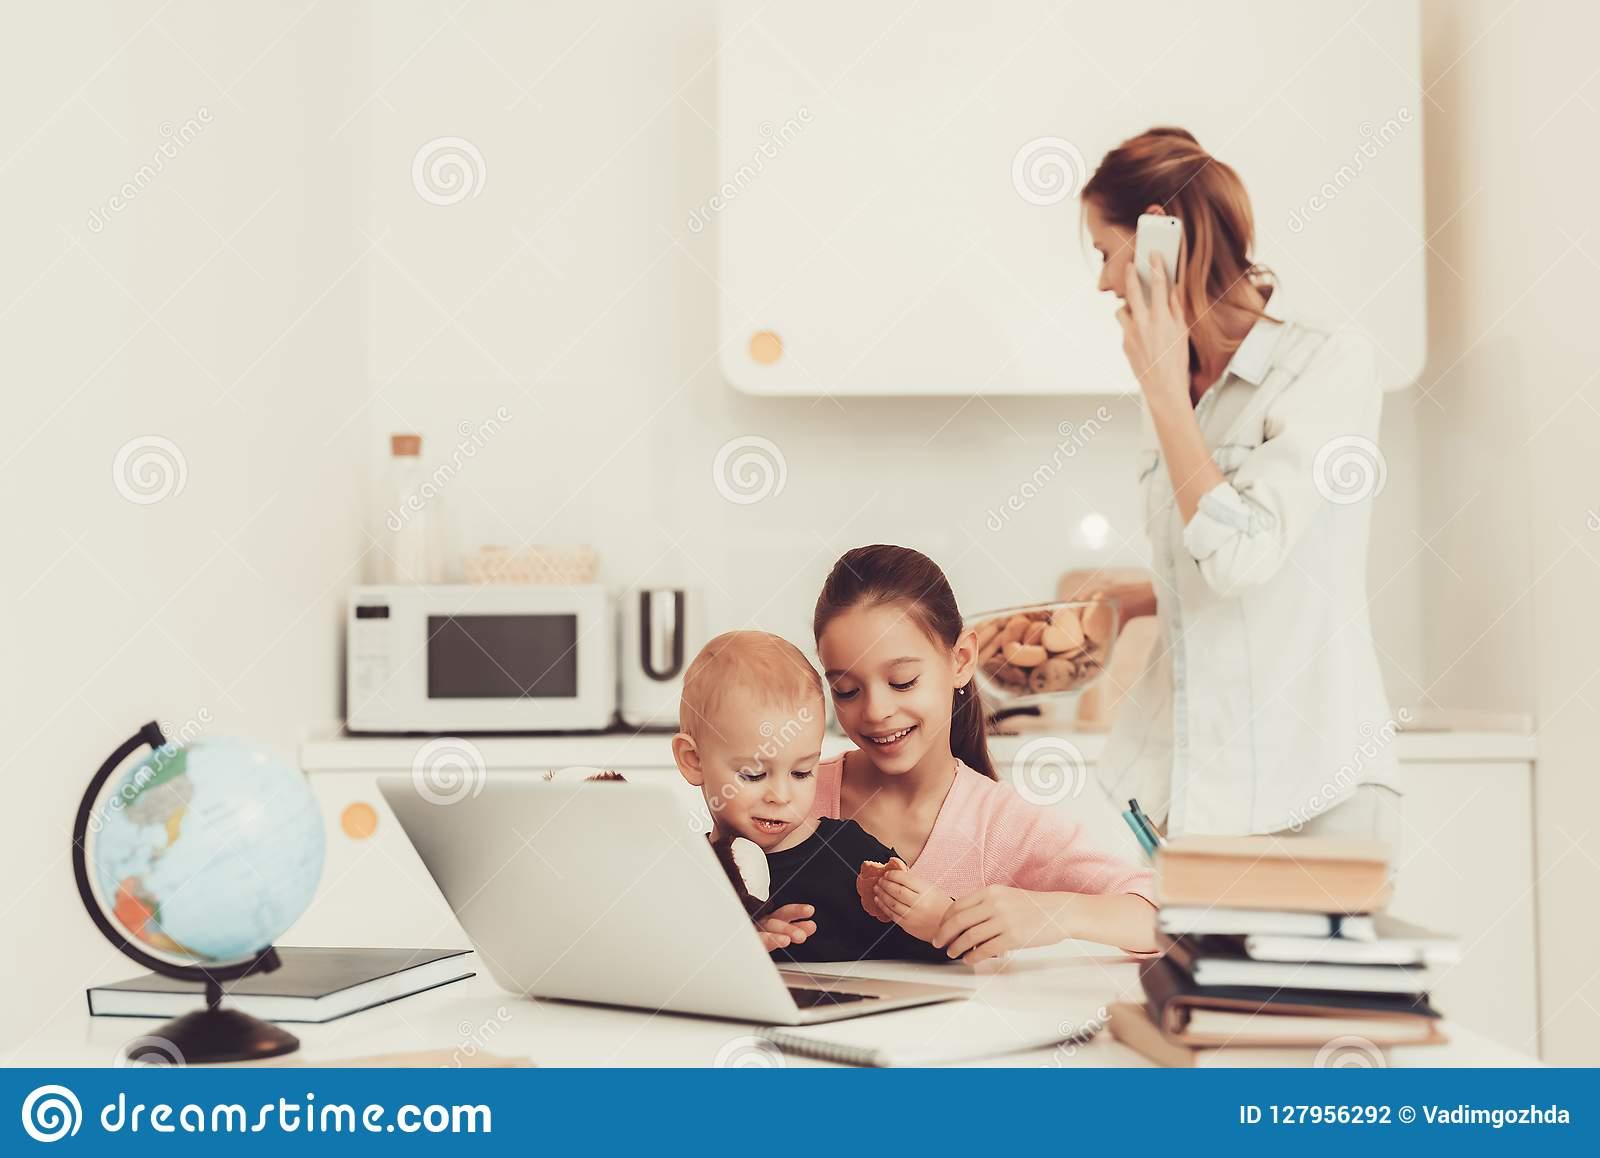 Jeux De Jeune Fille Avec Le Frère On Kitchen De Bébé Photo tout Inscription Jeux De Fille